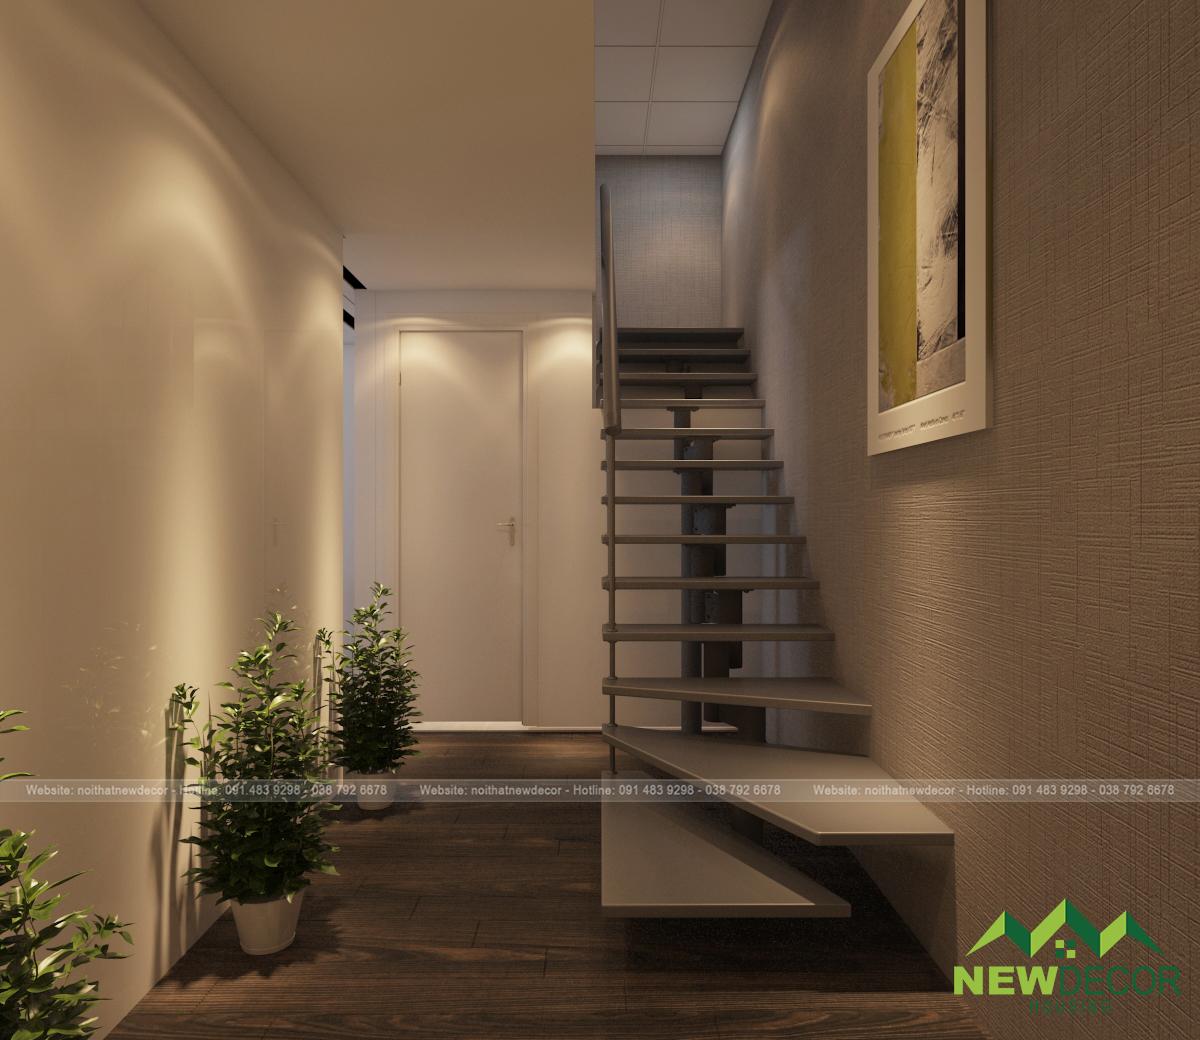 Không gian bên trong có chiếc cầu thang đi lên tầng 2. Đây là không gian sinh hoạt riêng tư của gia đình gia chủ.